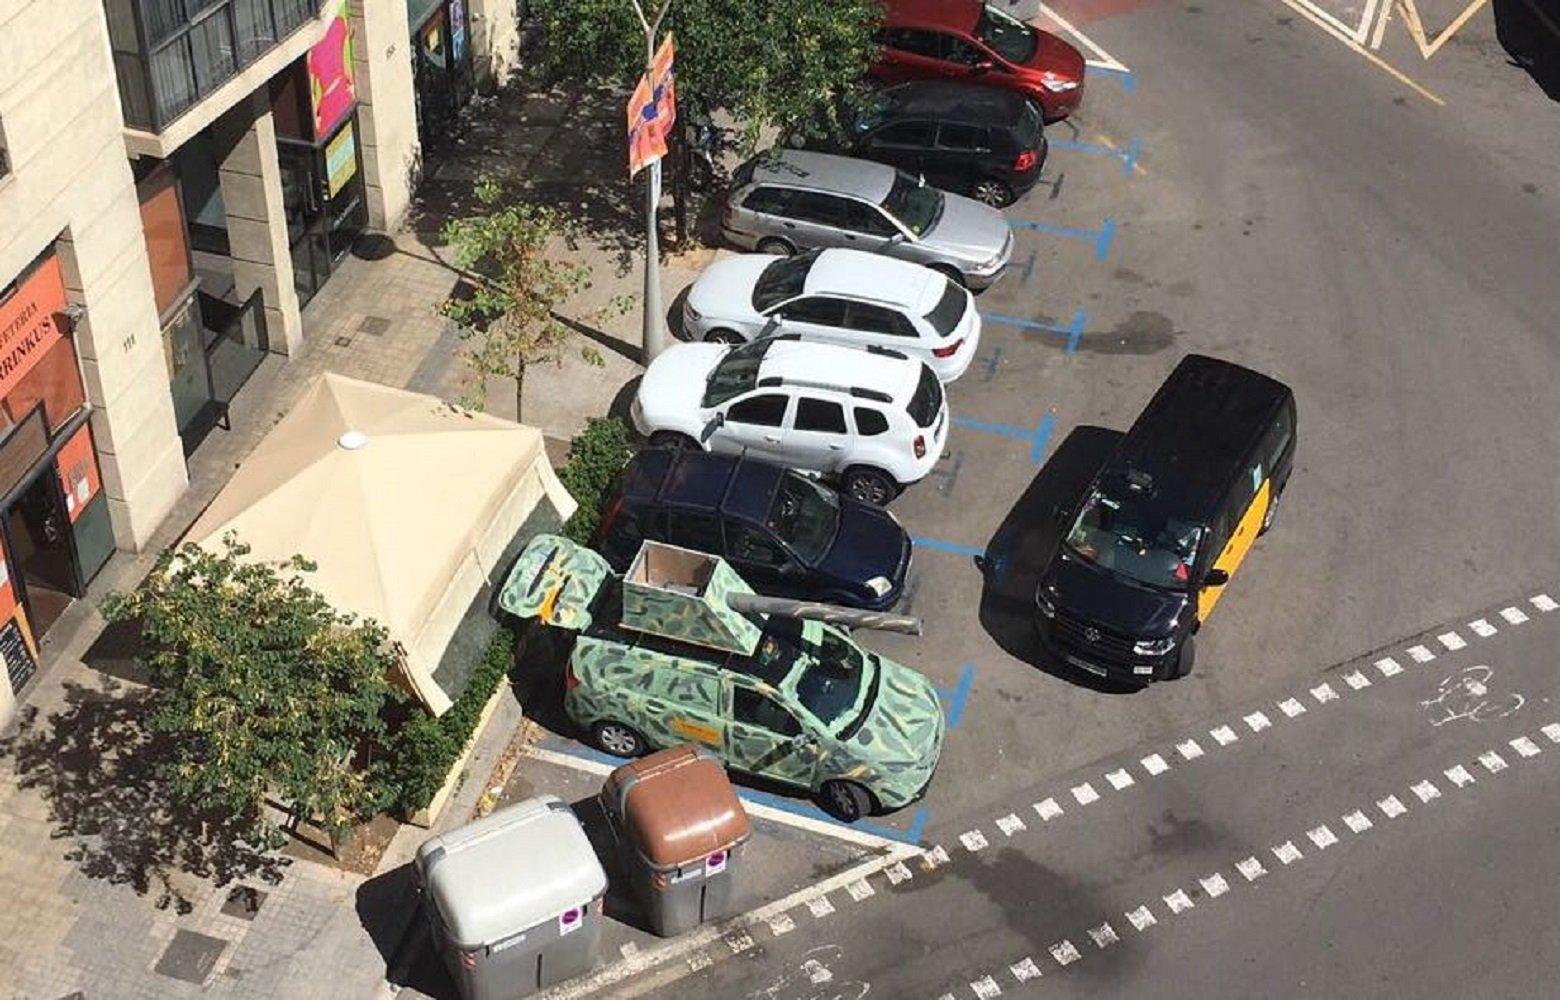 taxi vaga pintat